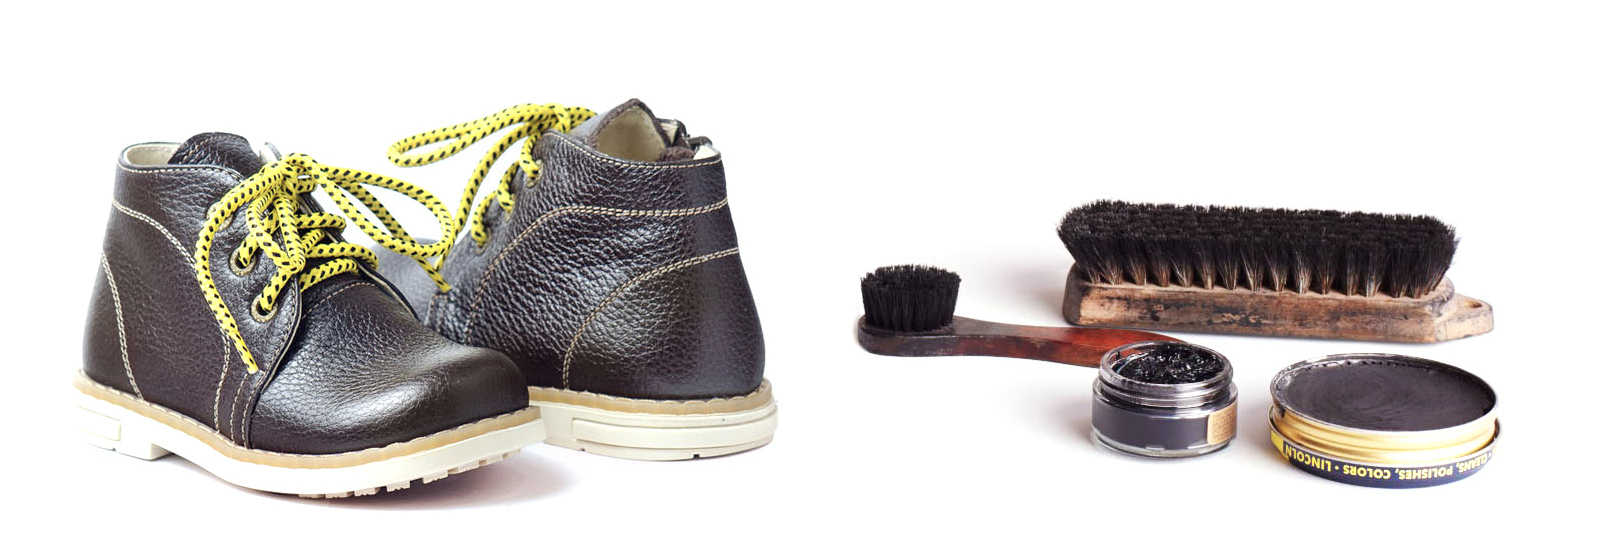 Как ухаживать за лакированной обувью в домашних условиях